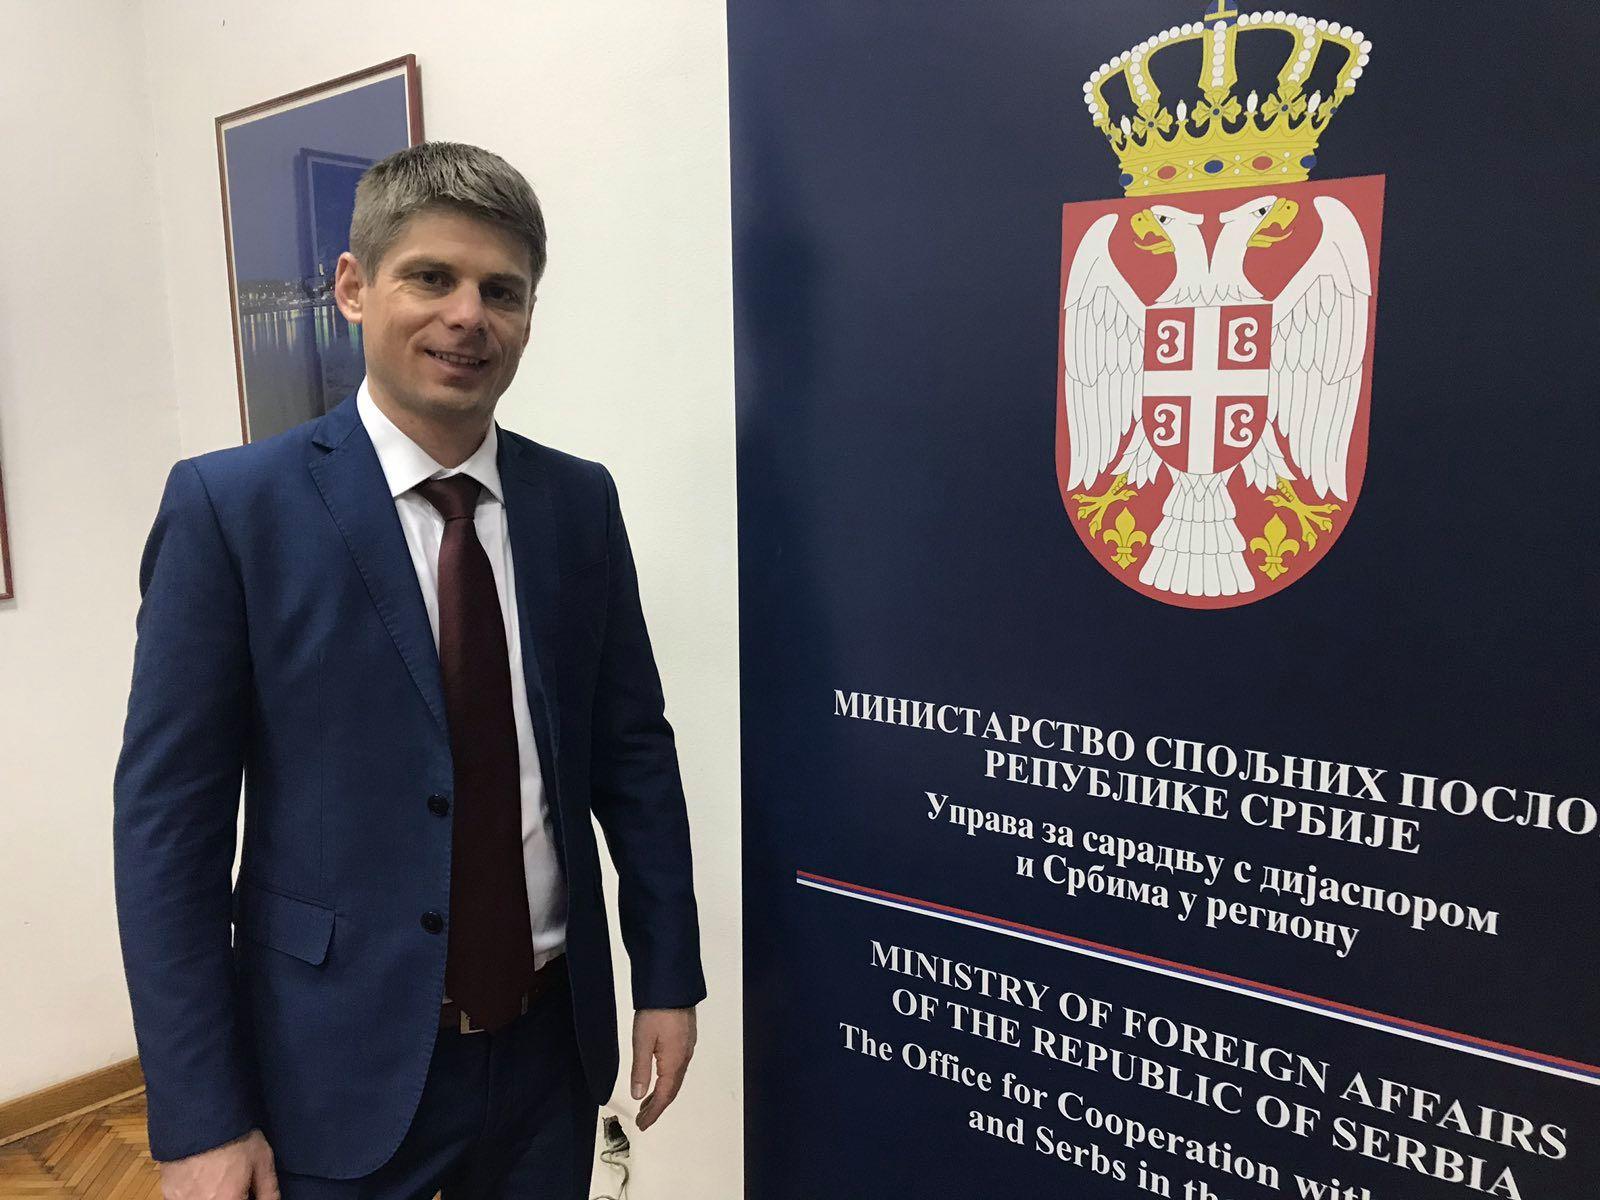 Гујон: Бити Србин било где у свету, а поготово на Балкану, где су Срби конститутивни народ, треба да буде понос, а не да се неко стиди свог порекла